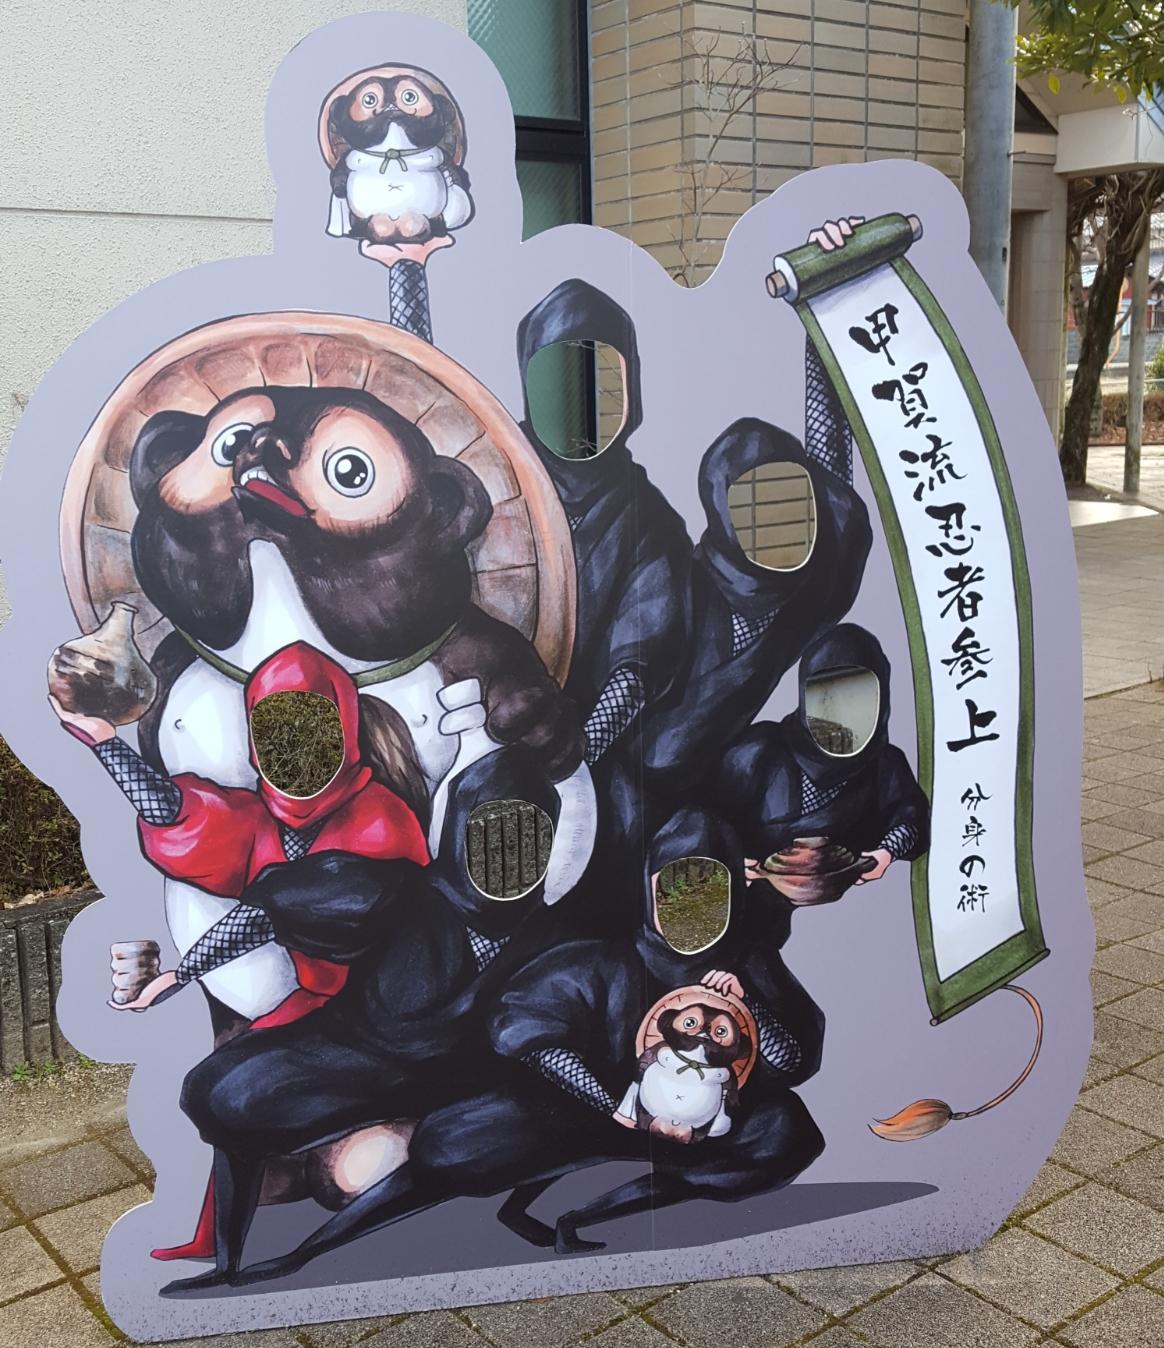 駅前には、甲賀の忍者と信楽の狸がコラボした顔出しパネルも設置されていたり、この町はファミリーで訪れても楽しめる様になっております。